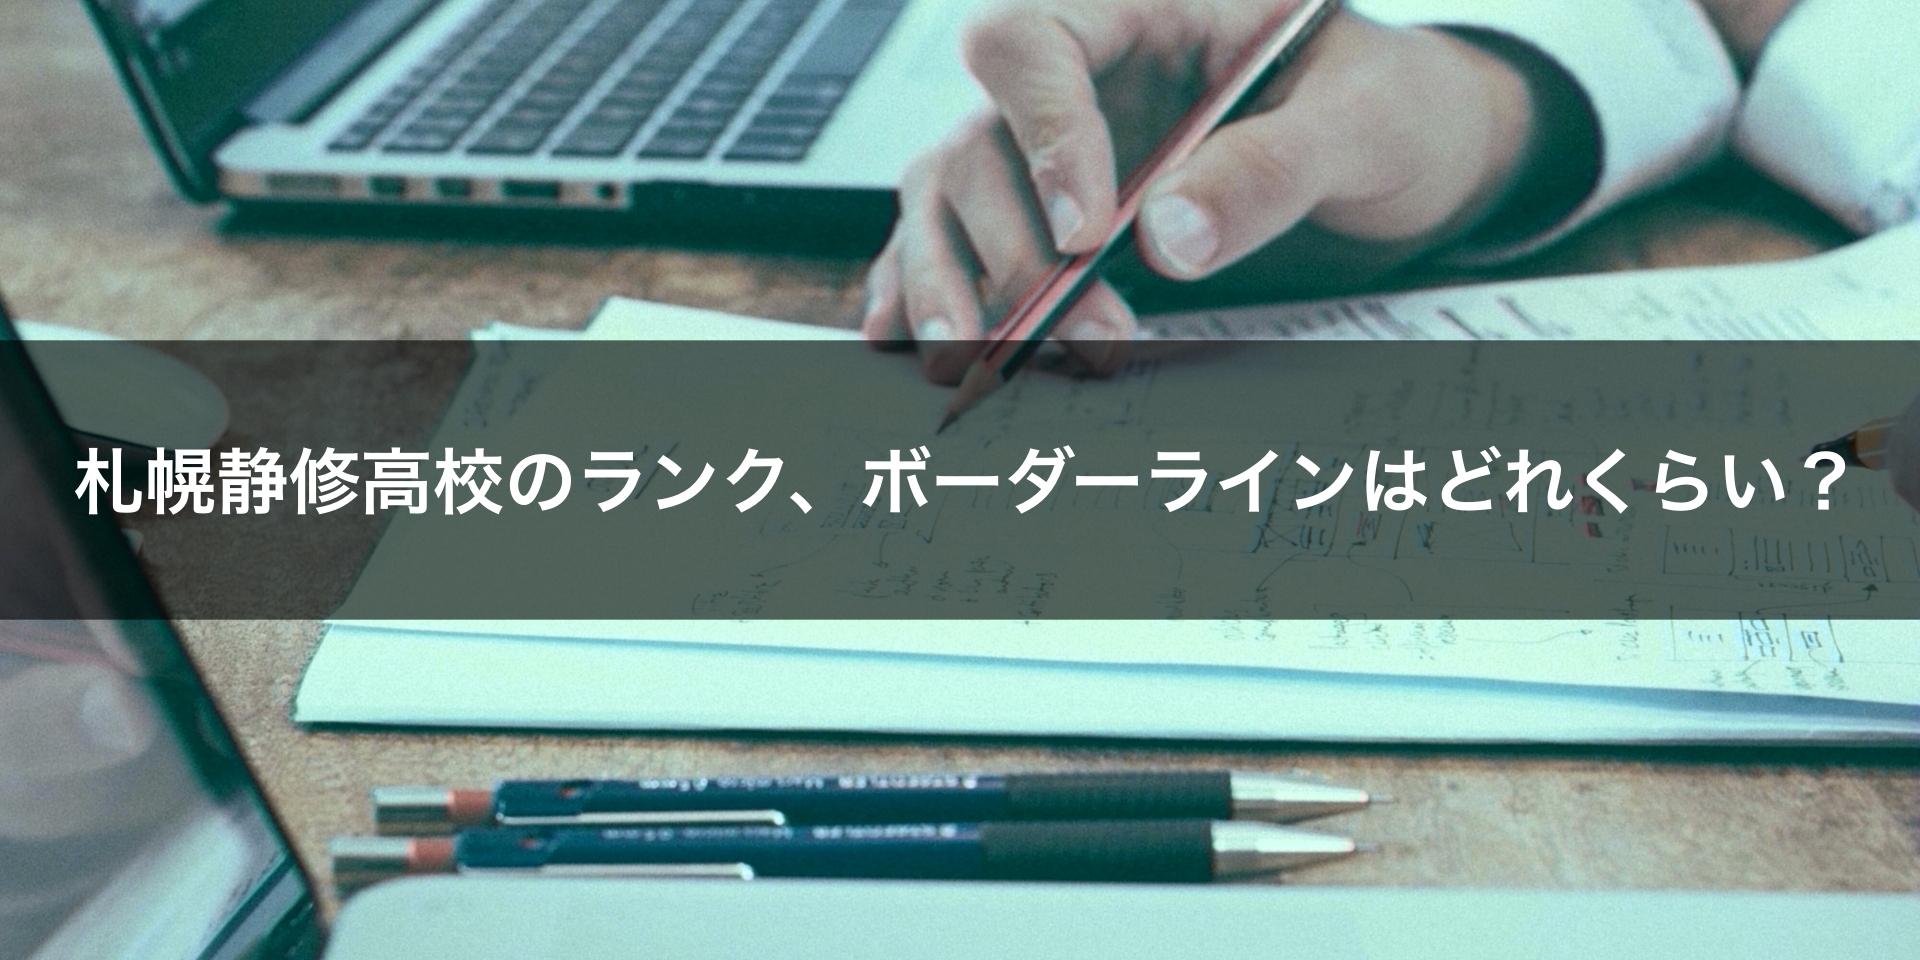 札幌静修高校のランク、ボーダーラインはどれくらい?